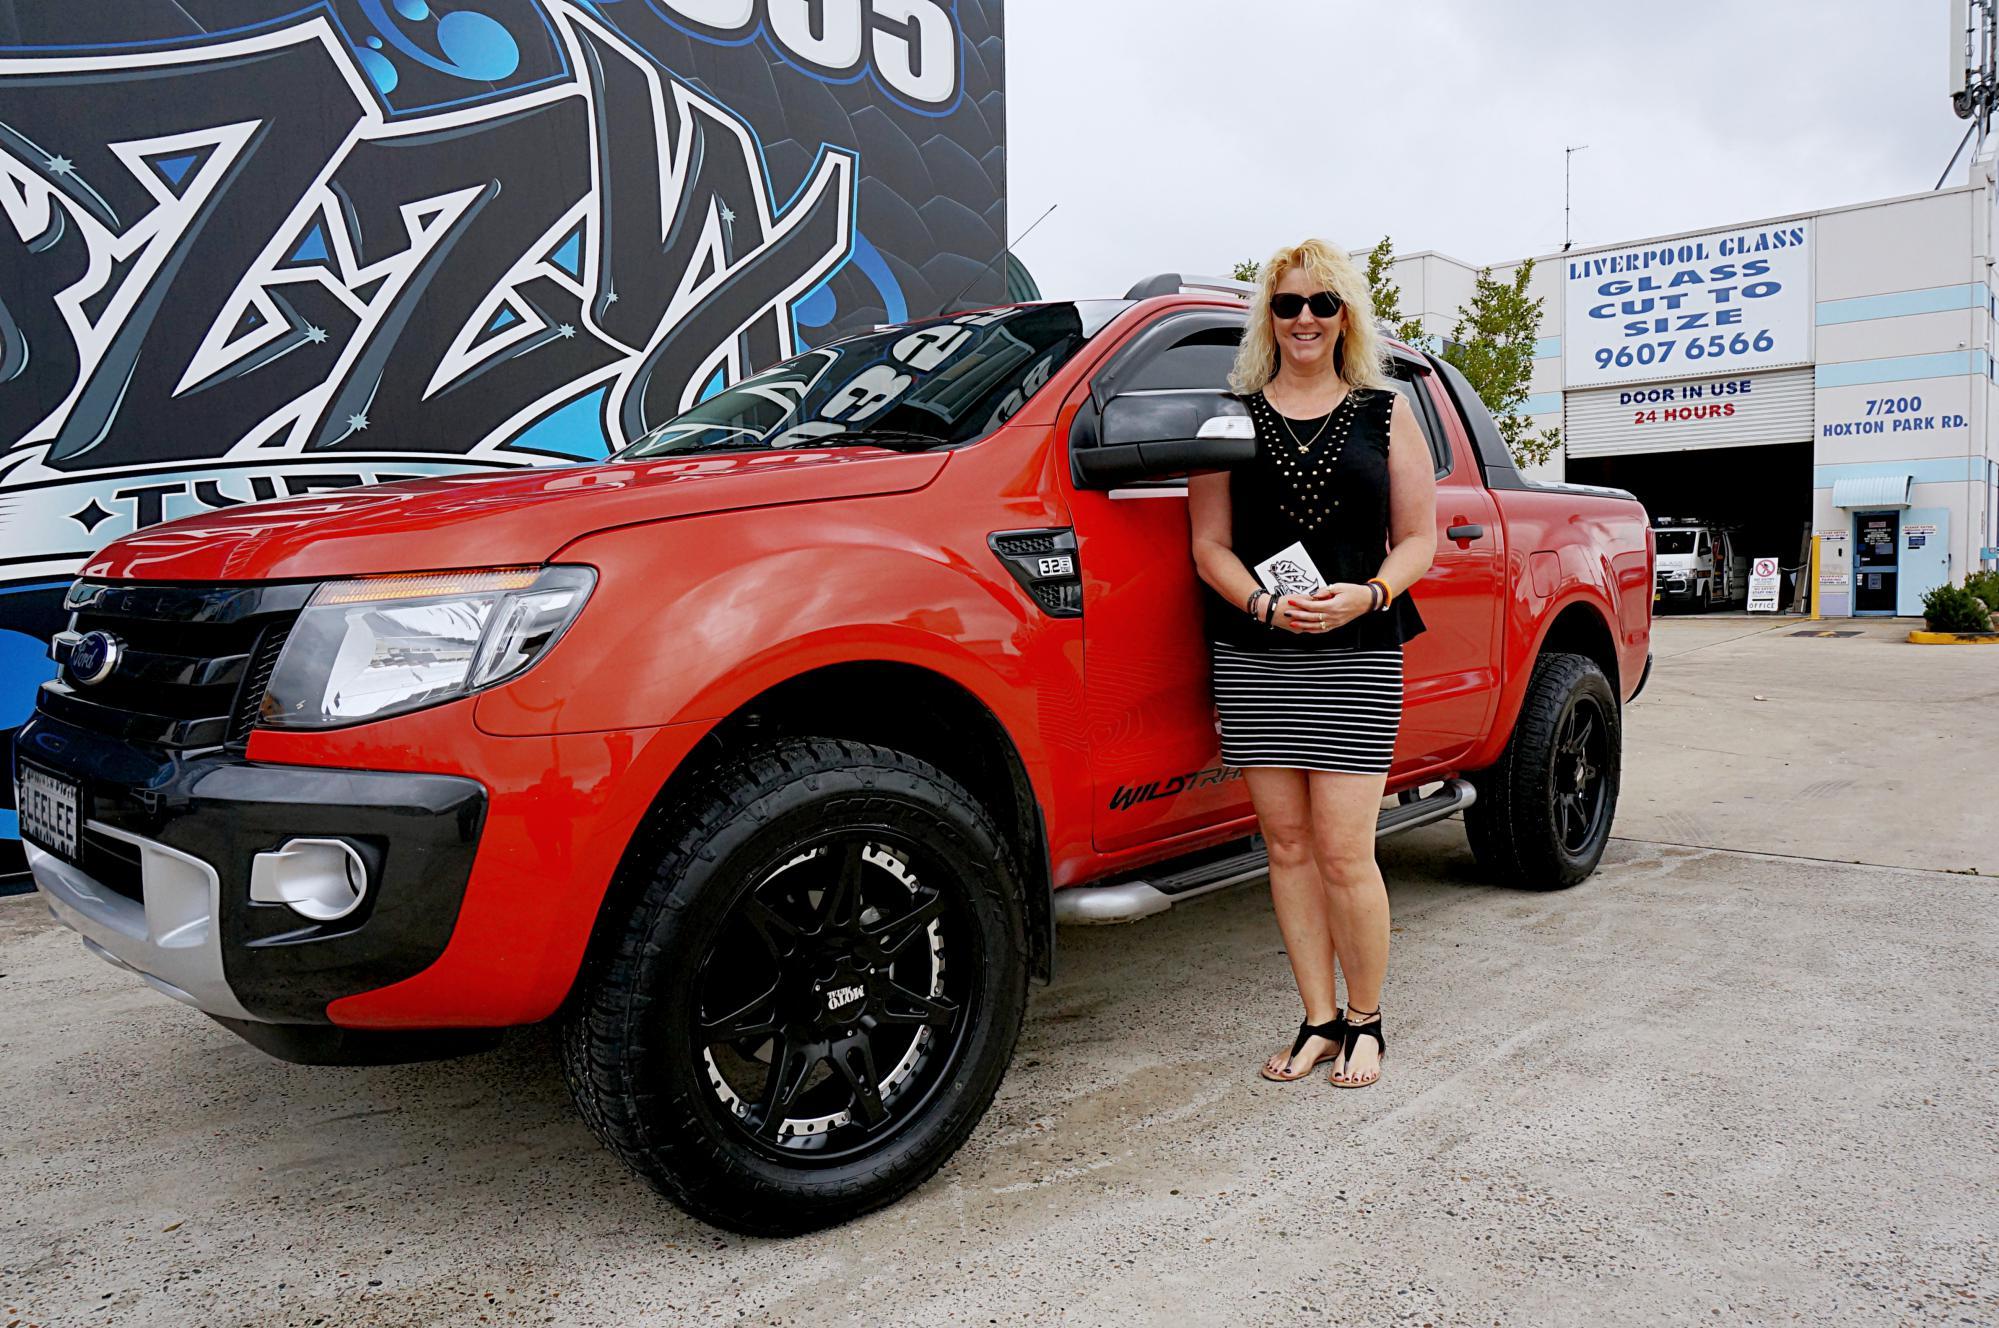 Lady tough, Leanne's Ranger gets Moto961